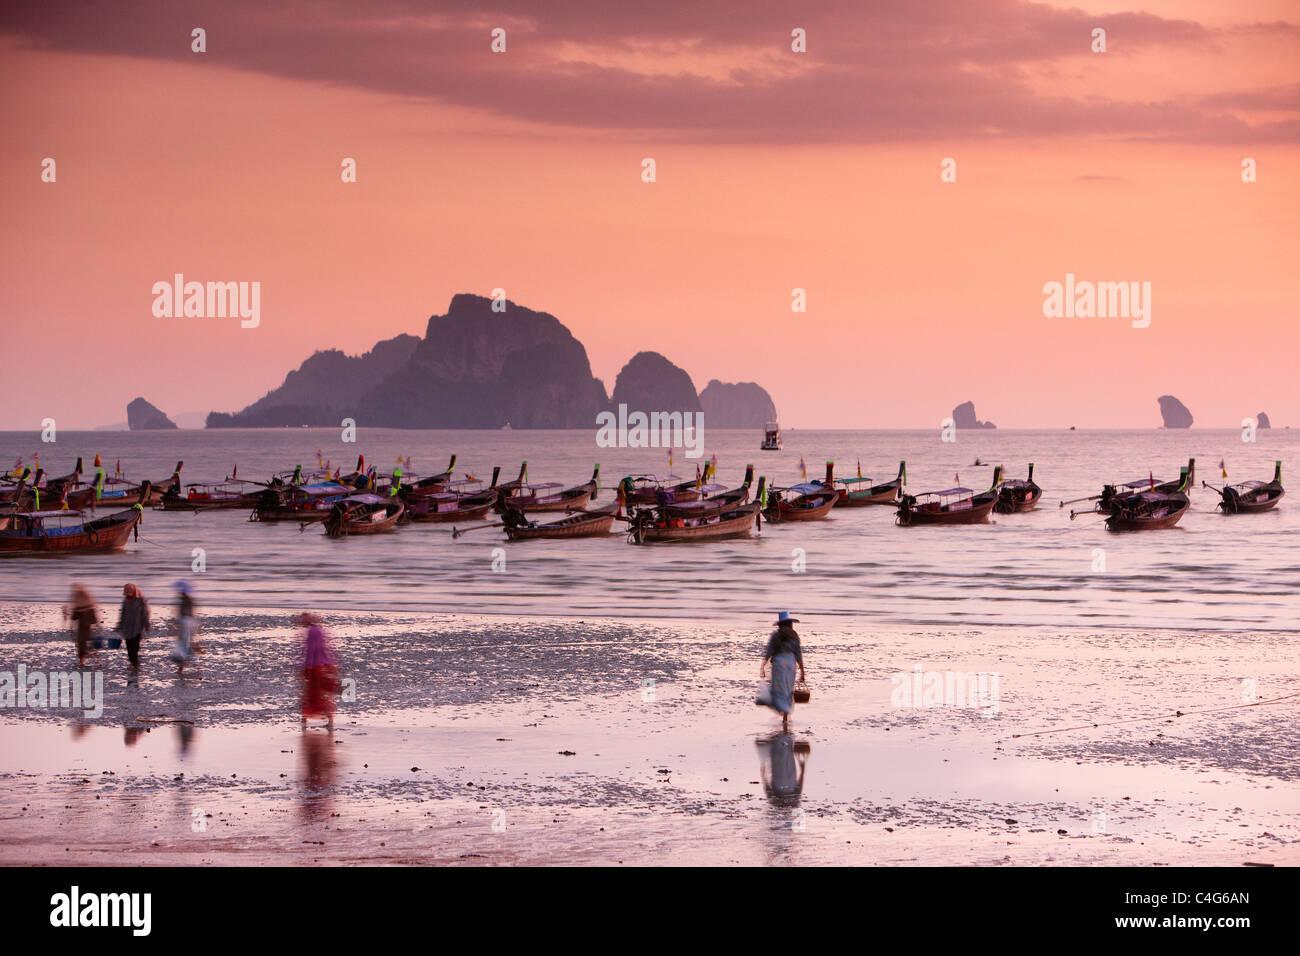 La playa de Ao Nang al anochecer, nr en Krabi, Tailandia Imagen De Stock